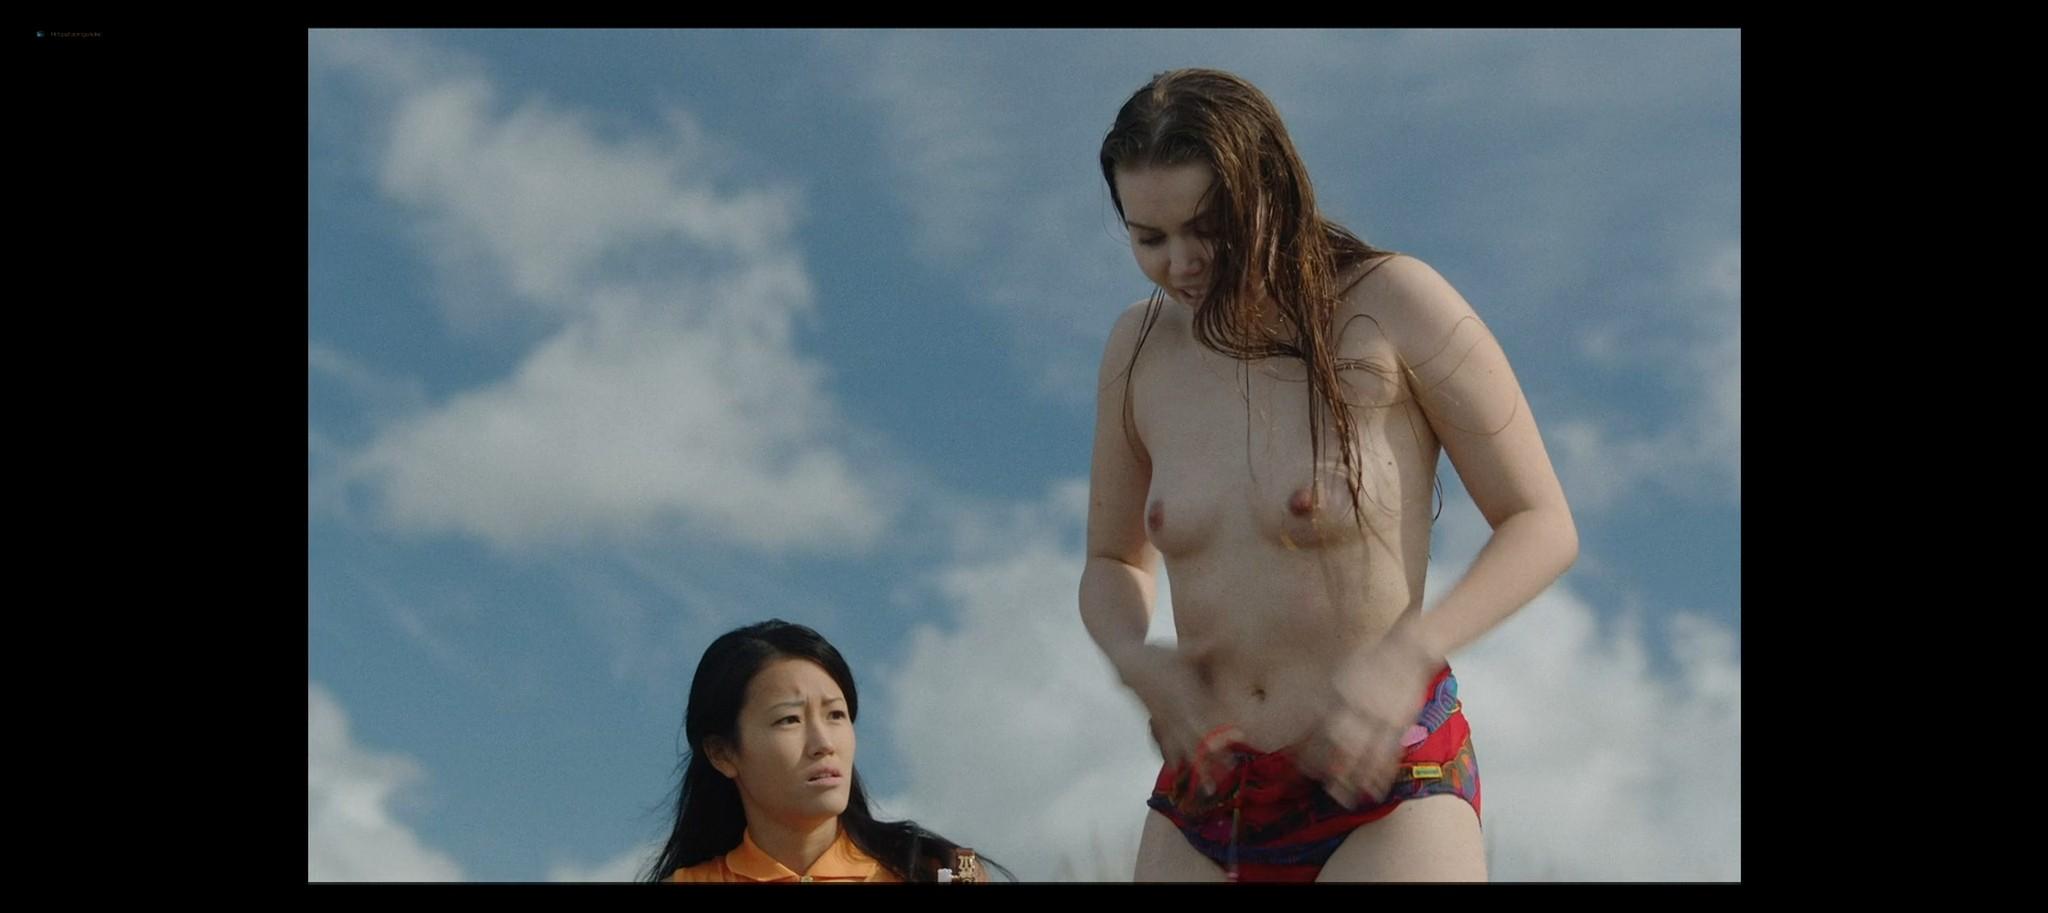 Laura Chiatti nude Antonia Fotaras and others nude bush and topless Addio al nubilato IT 2021 1080p Web 12